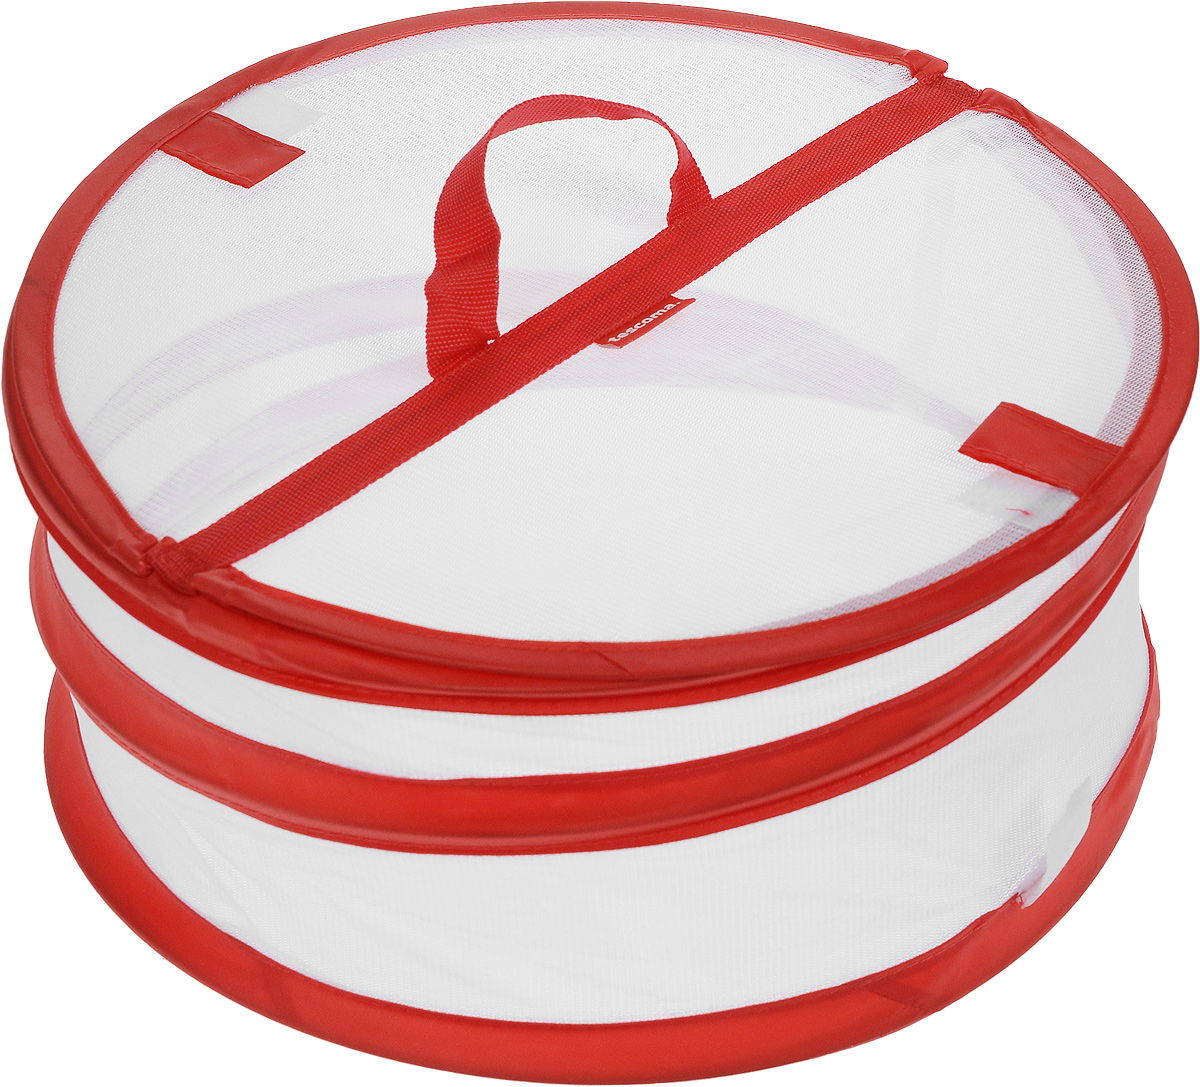 Крышка для пищевых продуктов Tescoma Delicia, складная, цвет: белый, красный, диаметр 30 см630850_красныйКрышка для пищевых продуктов Tescoma Delicia защитит еду от пыли и насекомых дома и на открытом воздухе. Крышка изготовлена из сетчатого текстиля и оснащена гибким металлическим каркасом. Просто составьте посуду с едой и накройте ее крышкой. Для легкого доступа изделие снабжено откидным верхом на липучке. Крышка легко складывается и раскладывается, при хранении занимает минимум пространства. Высота в разложенном виде: 15 см. Высота в сложенном виде: 1 см.